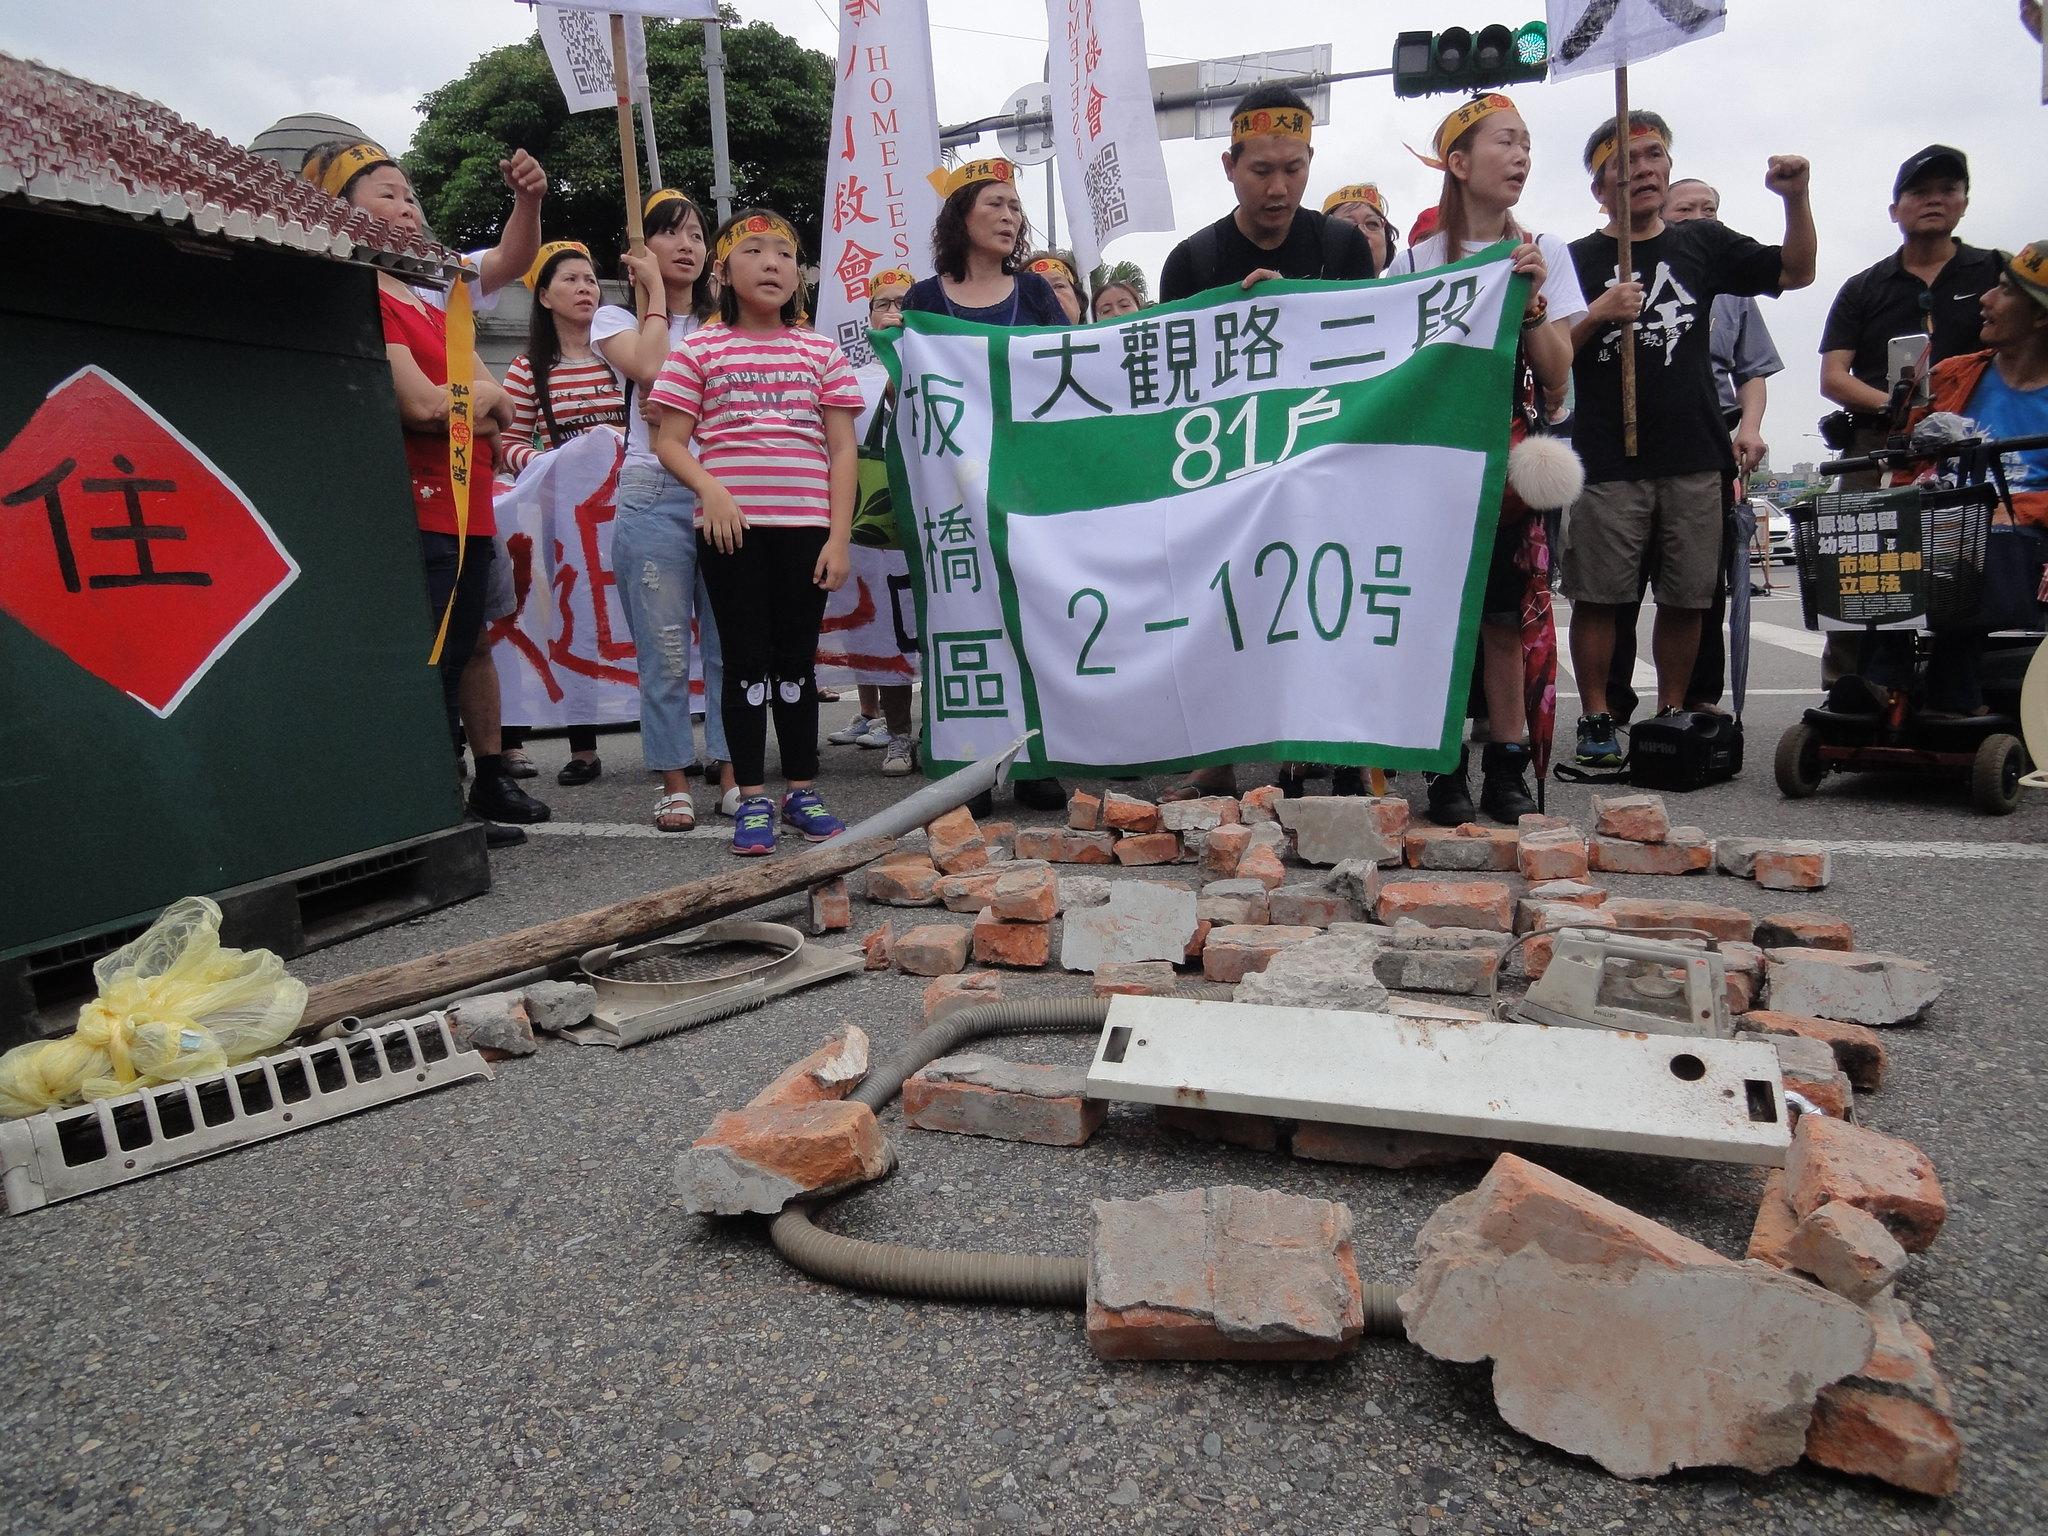 石塊、瓦礫排成的「厝」字,表達了居民捍衛家園的信念。(攝影:張智琦)